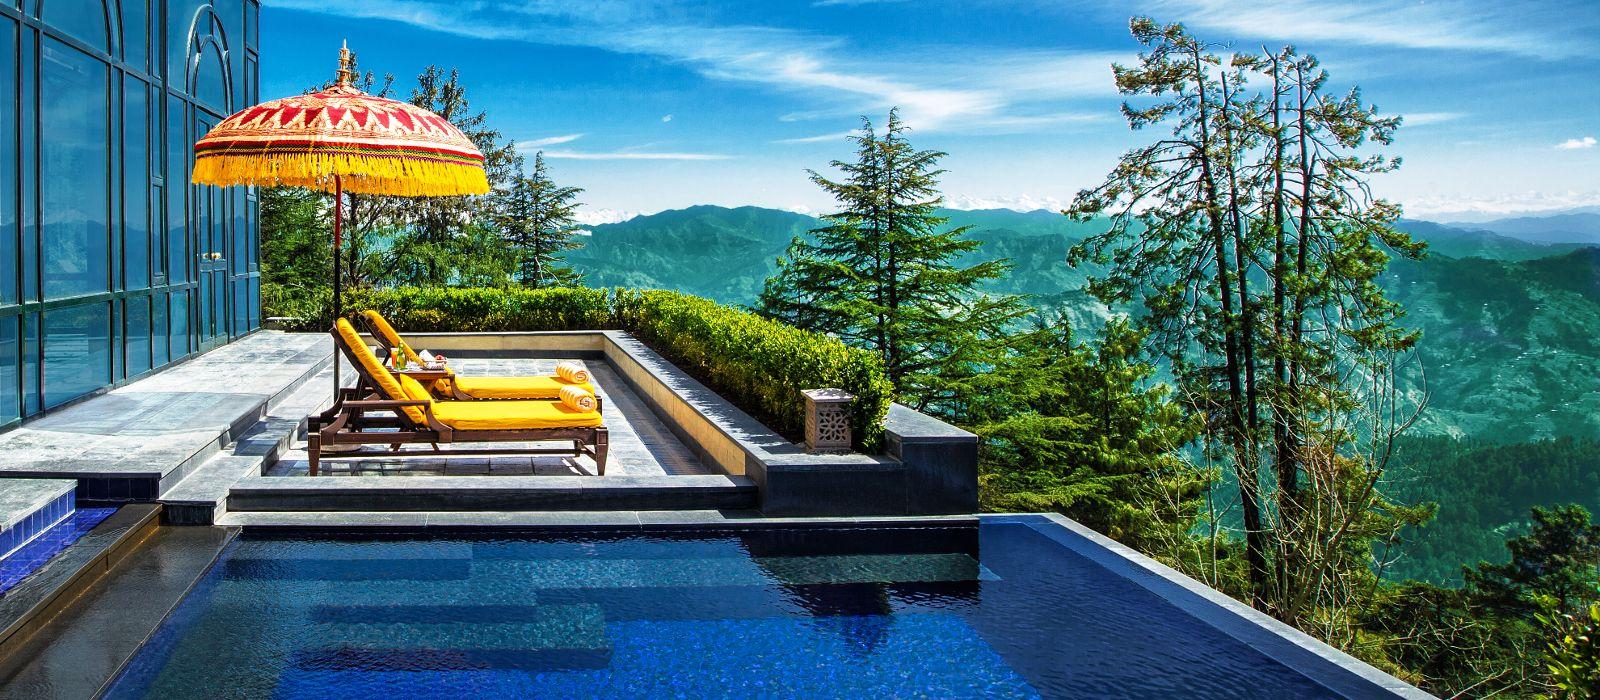 Das Oberoi Sommerangebot: Im Himalaya Gebirge Urlaub 2